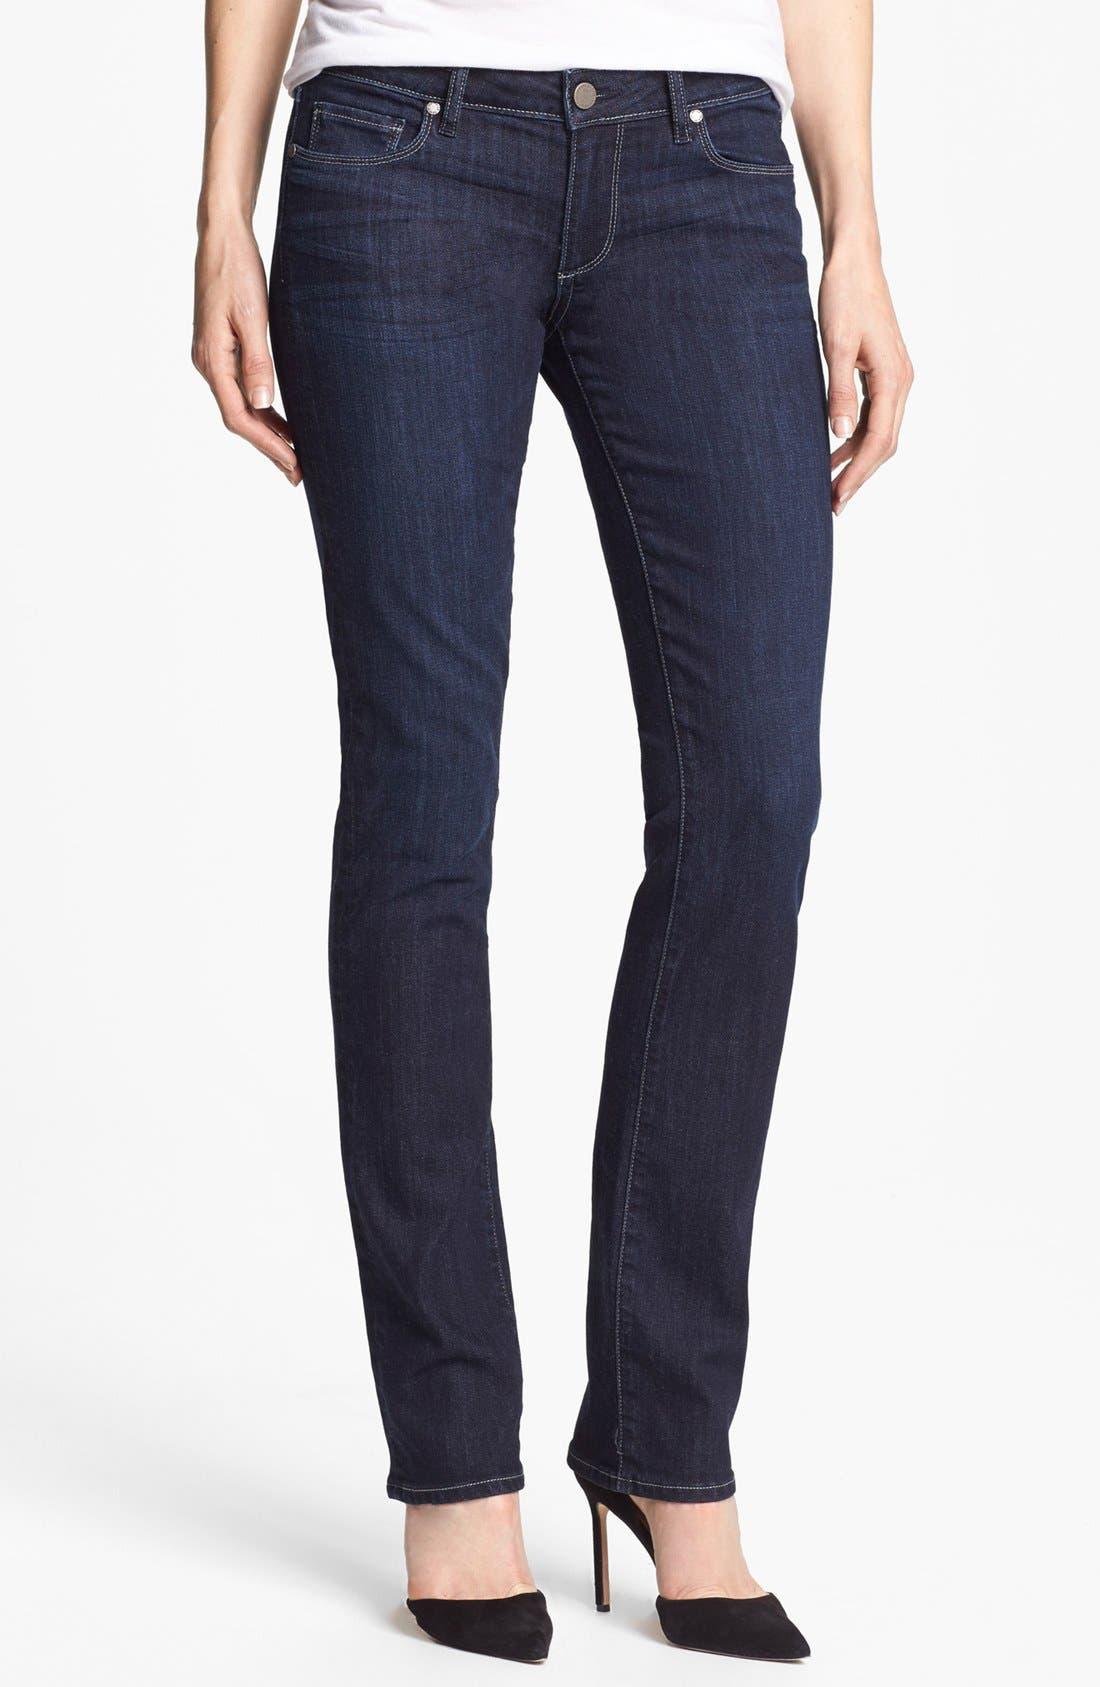 Alternate Image 1 Selected - Paige Denim 'Skyline' Straight Leg Jeans (Lucid)